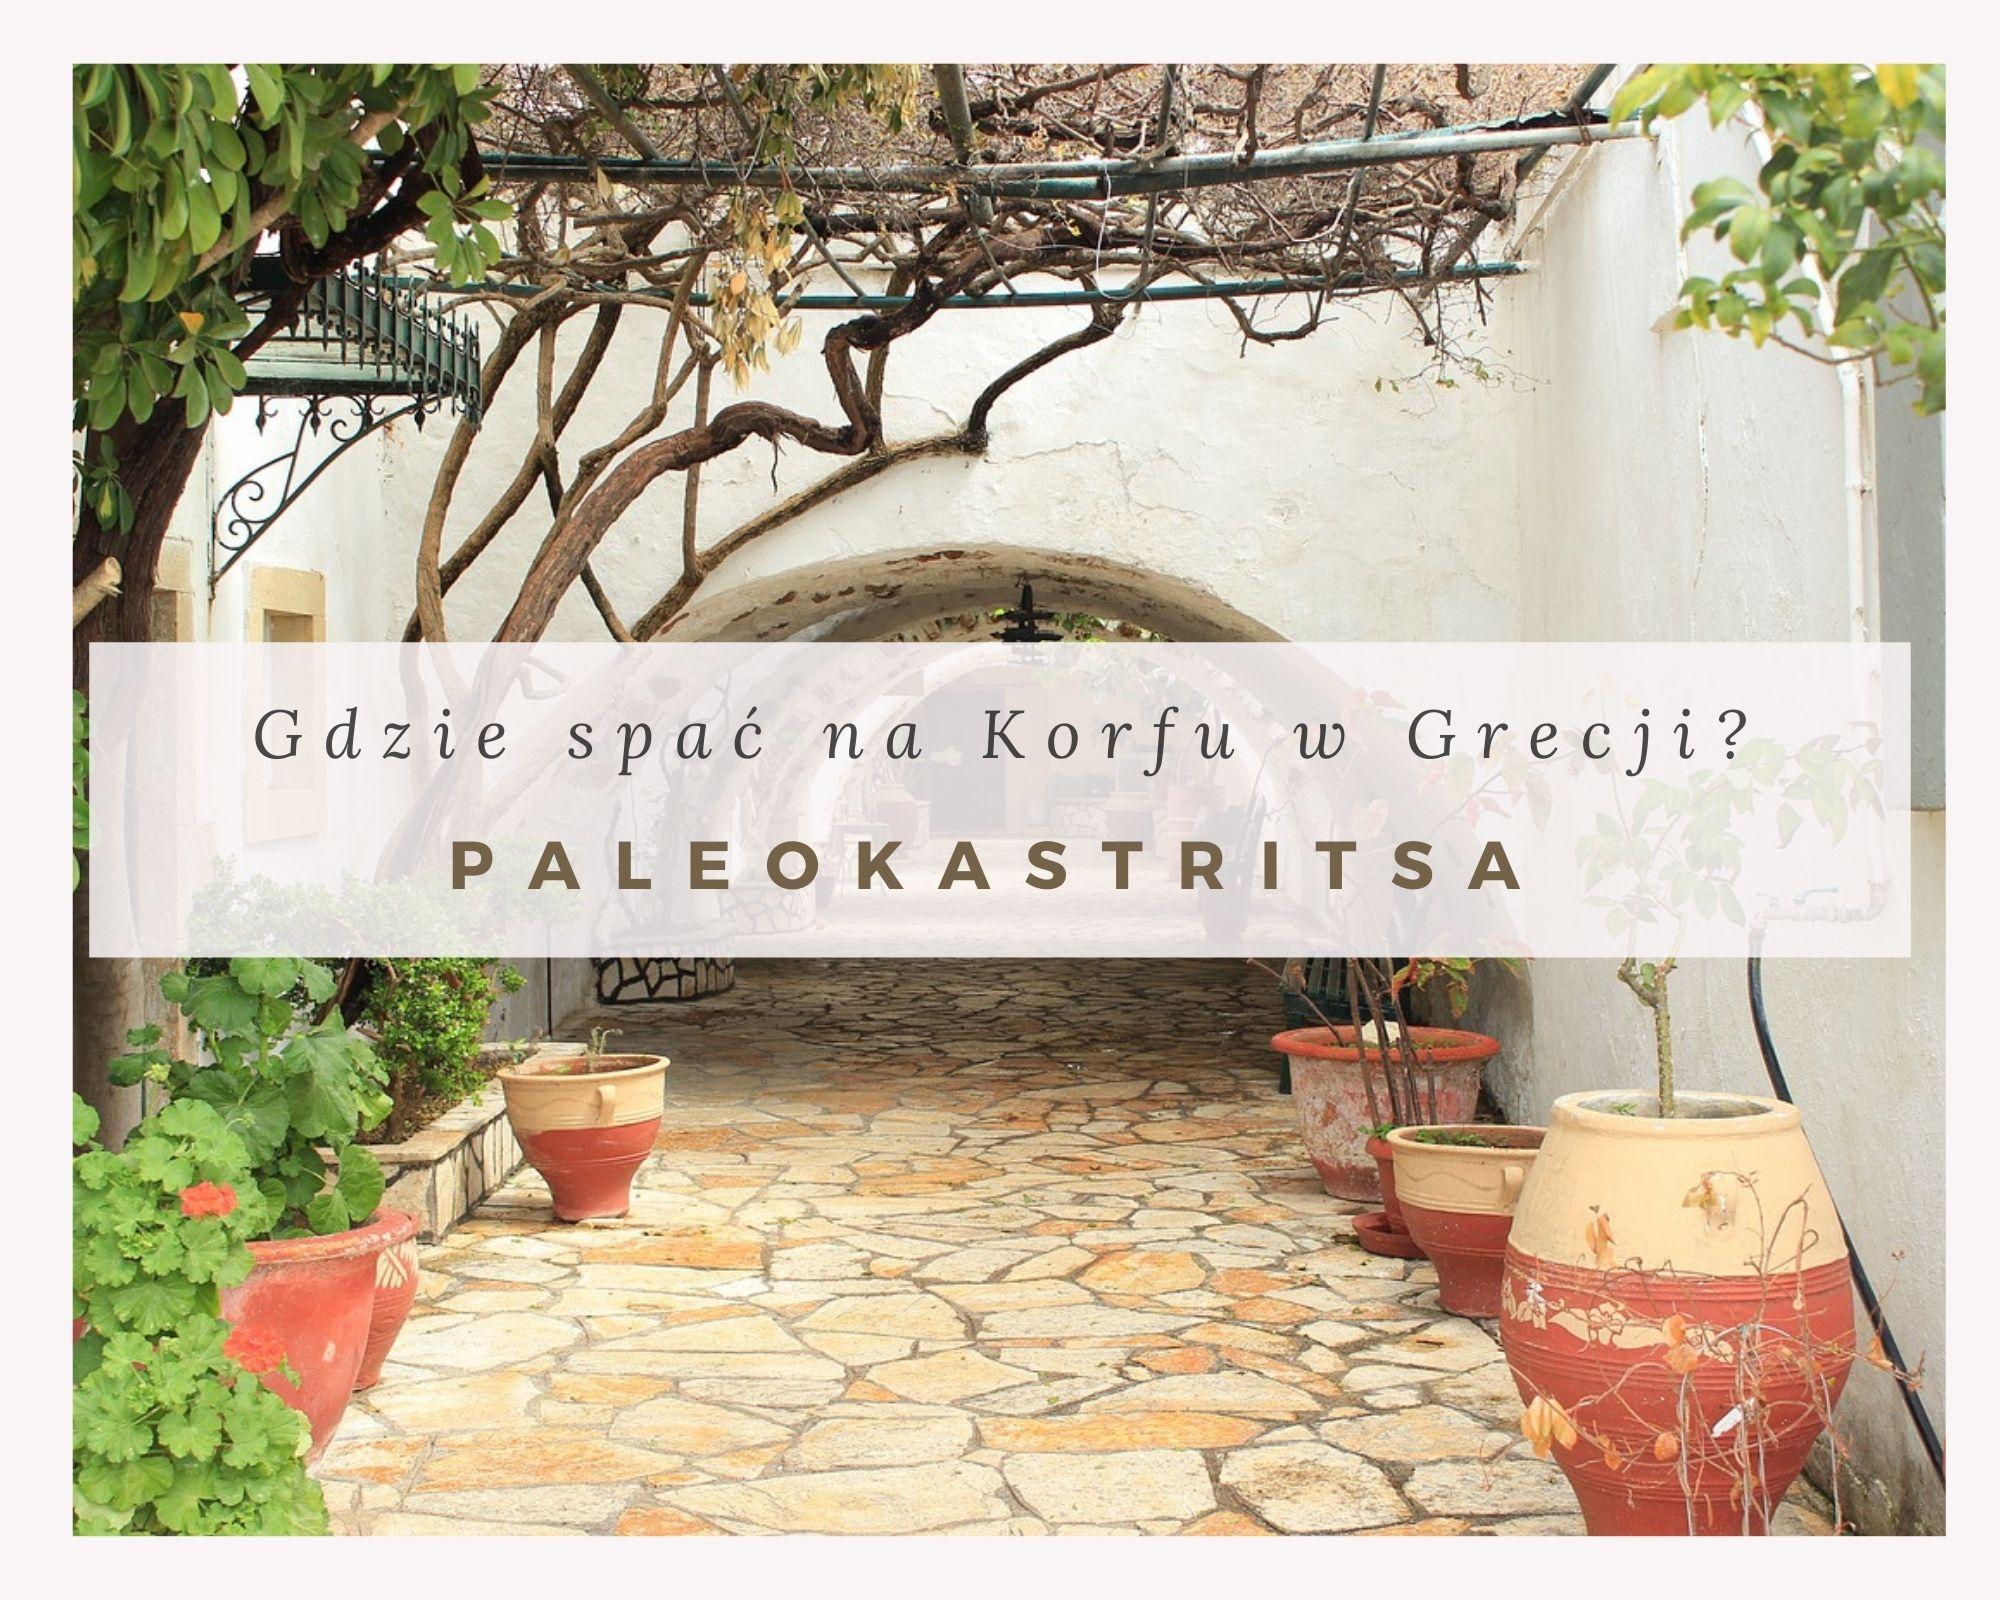 Gdzie spać na Korfu? - nasz nocleg Marilena Studios and Apartments w Paleokastritsa